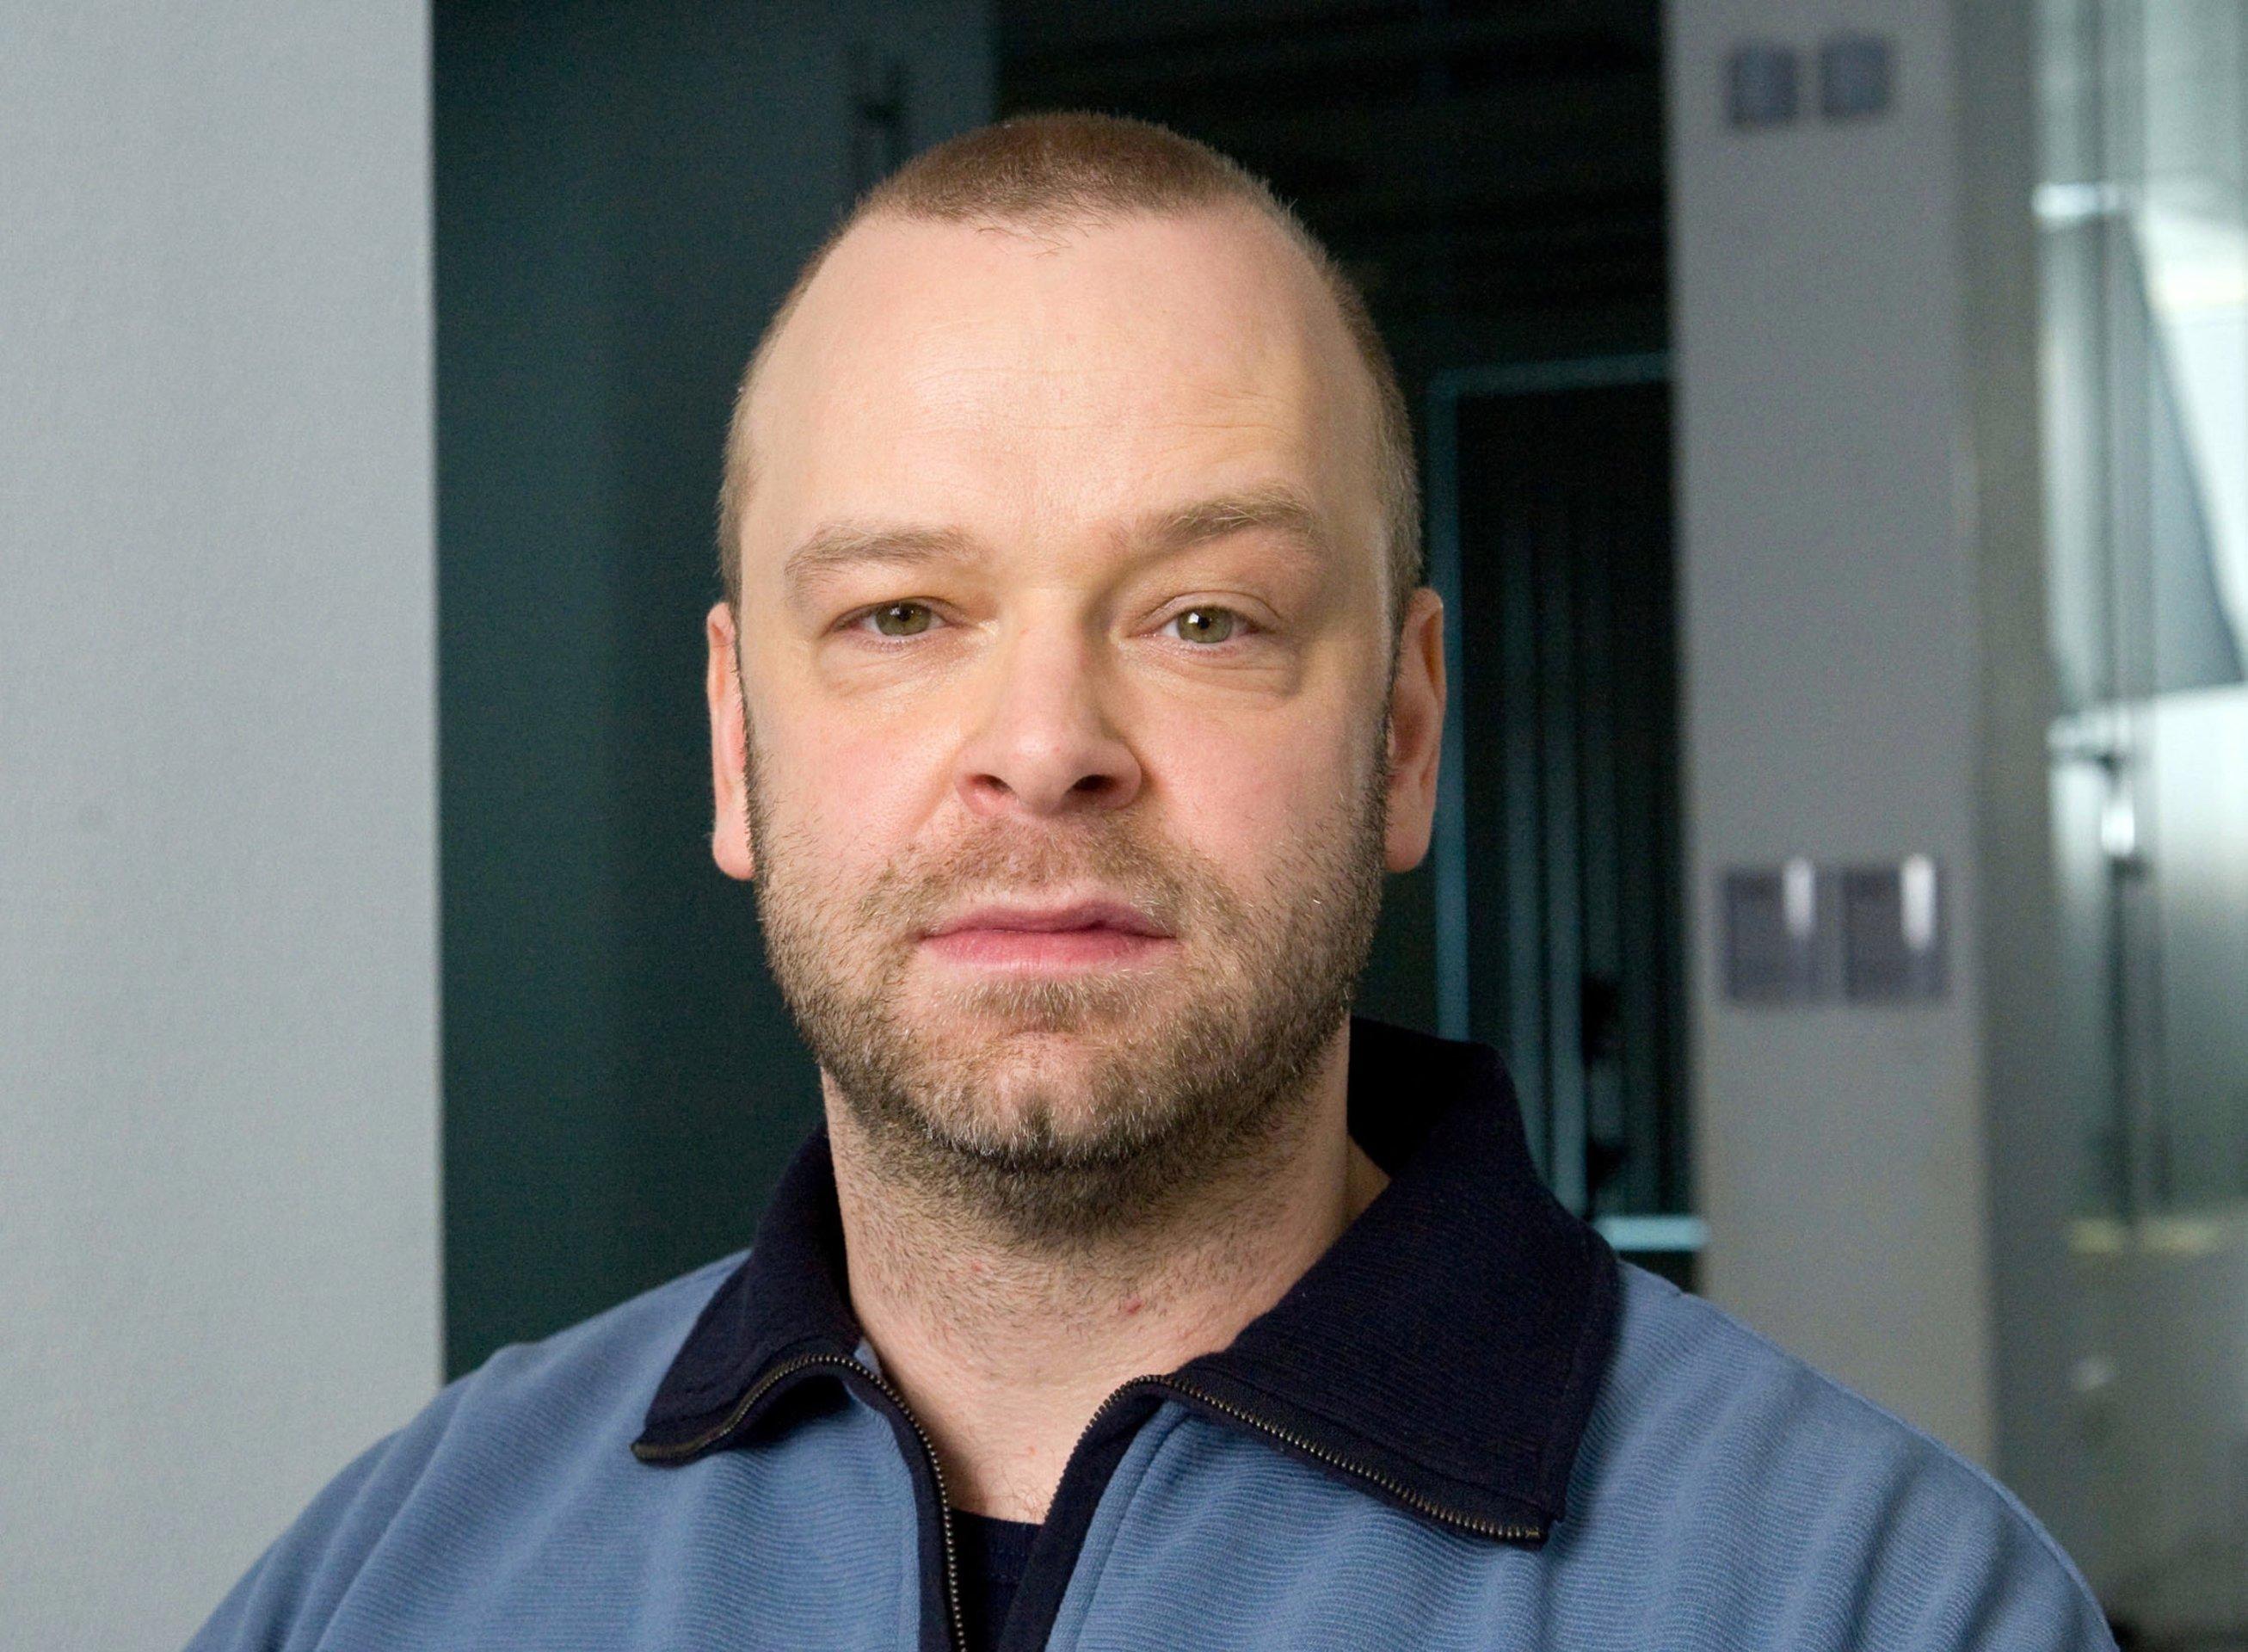 Robert Gallinowski